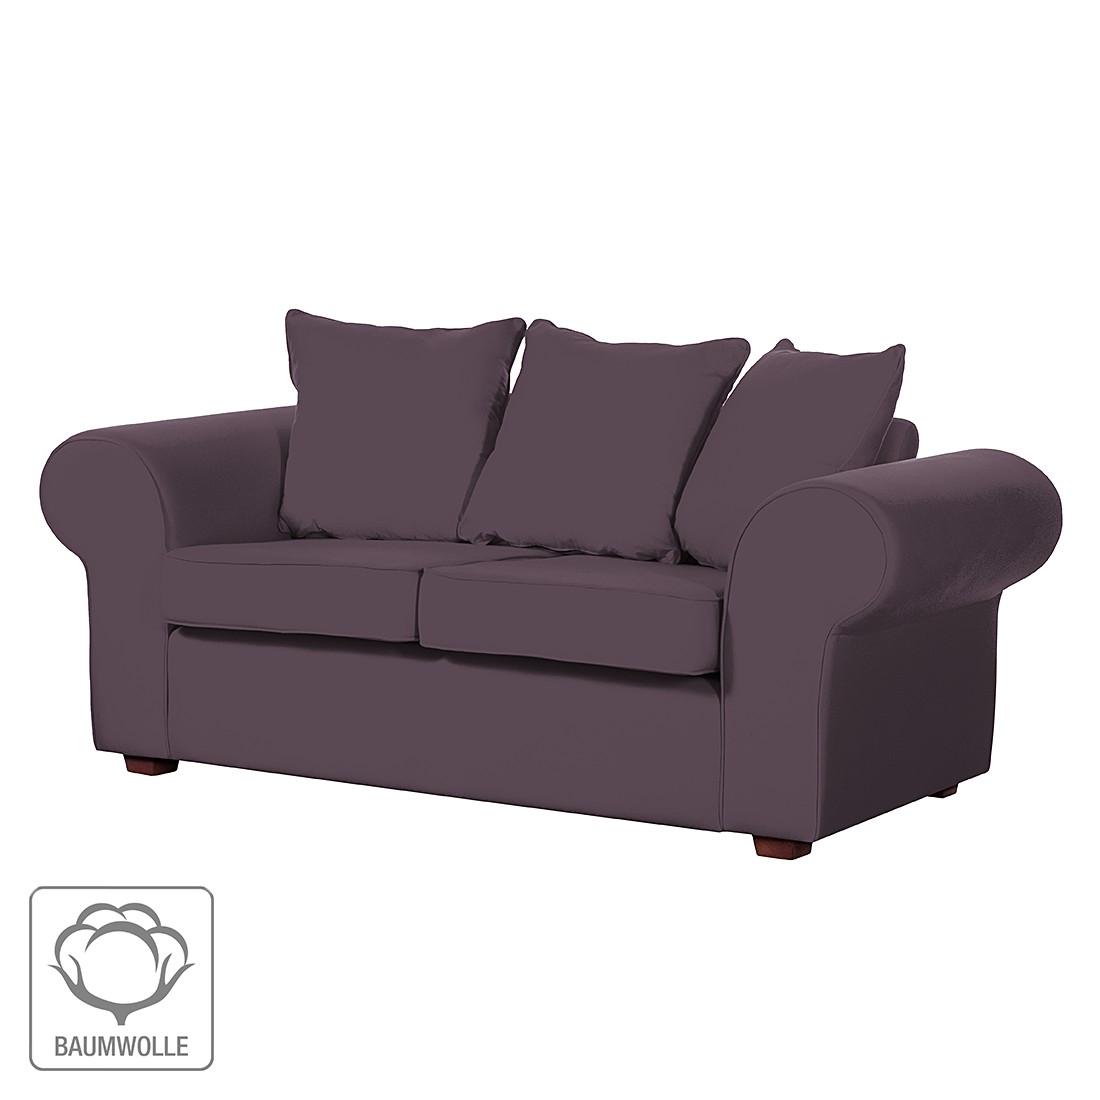 Sofa Colmar (2-Sitzer) – Baumwollstoff Aubergine, Jack & Alice günstig bestellen